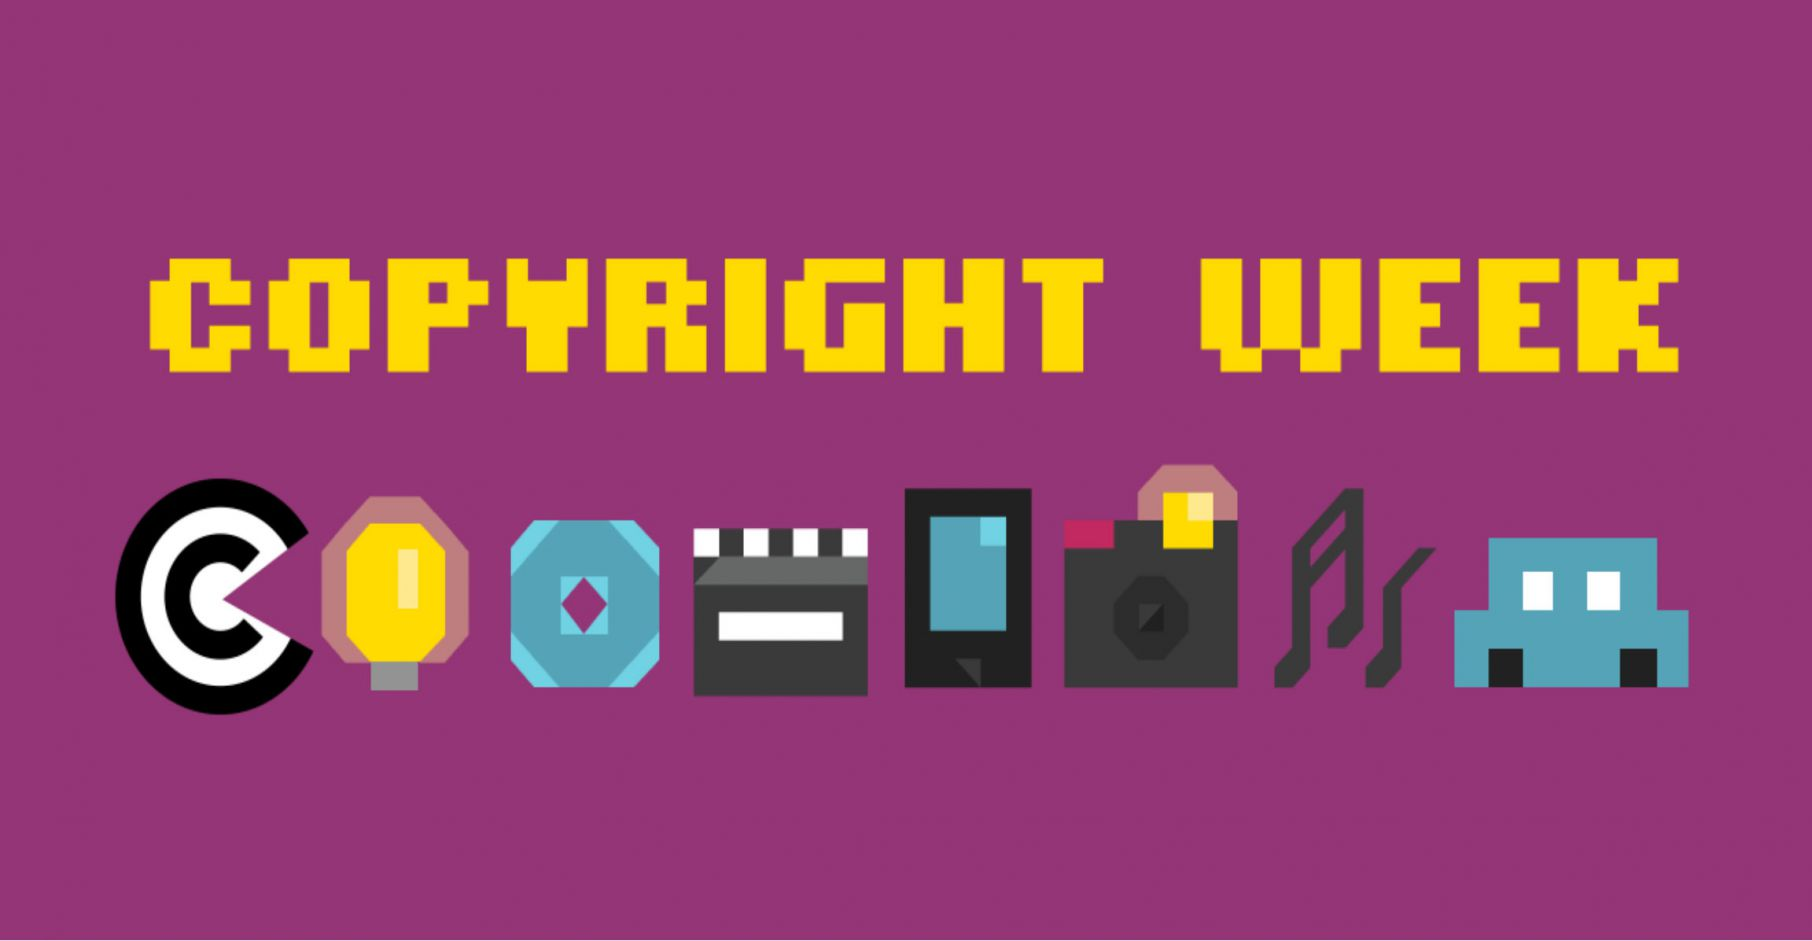 Copyright Week